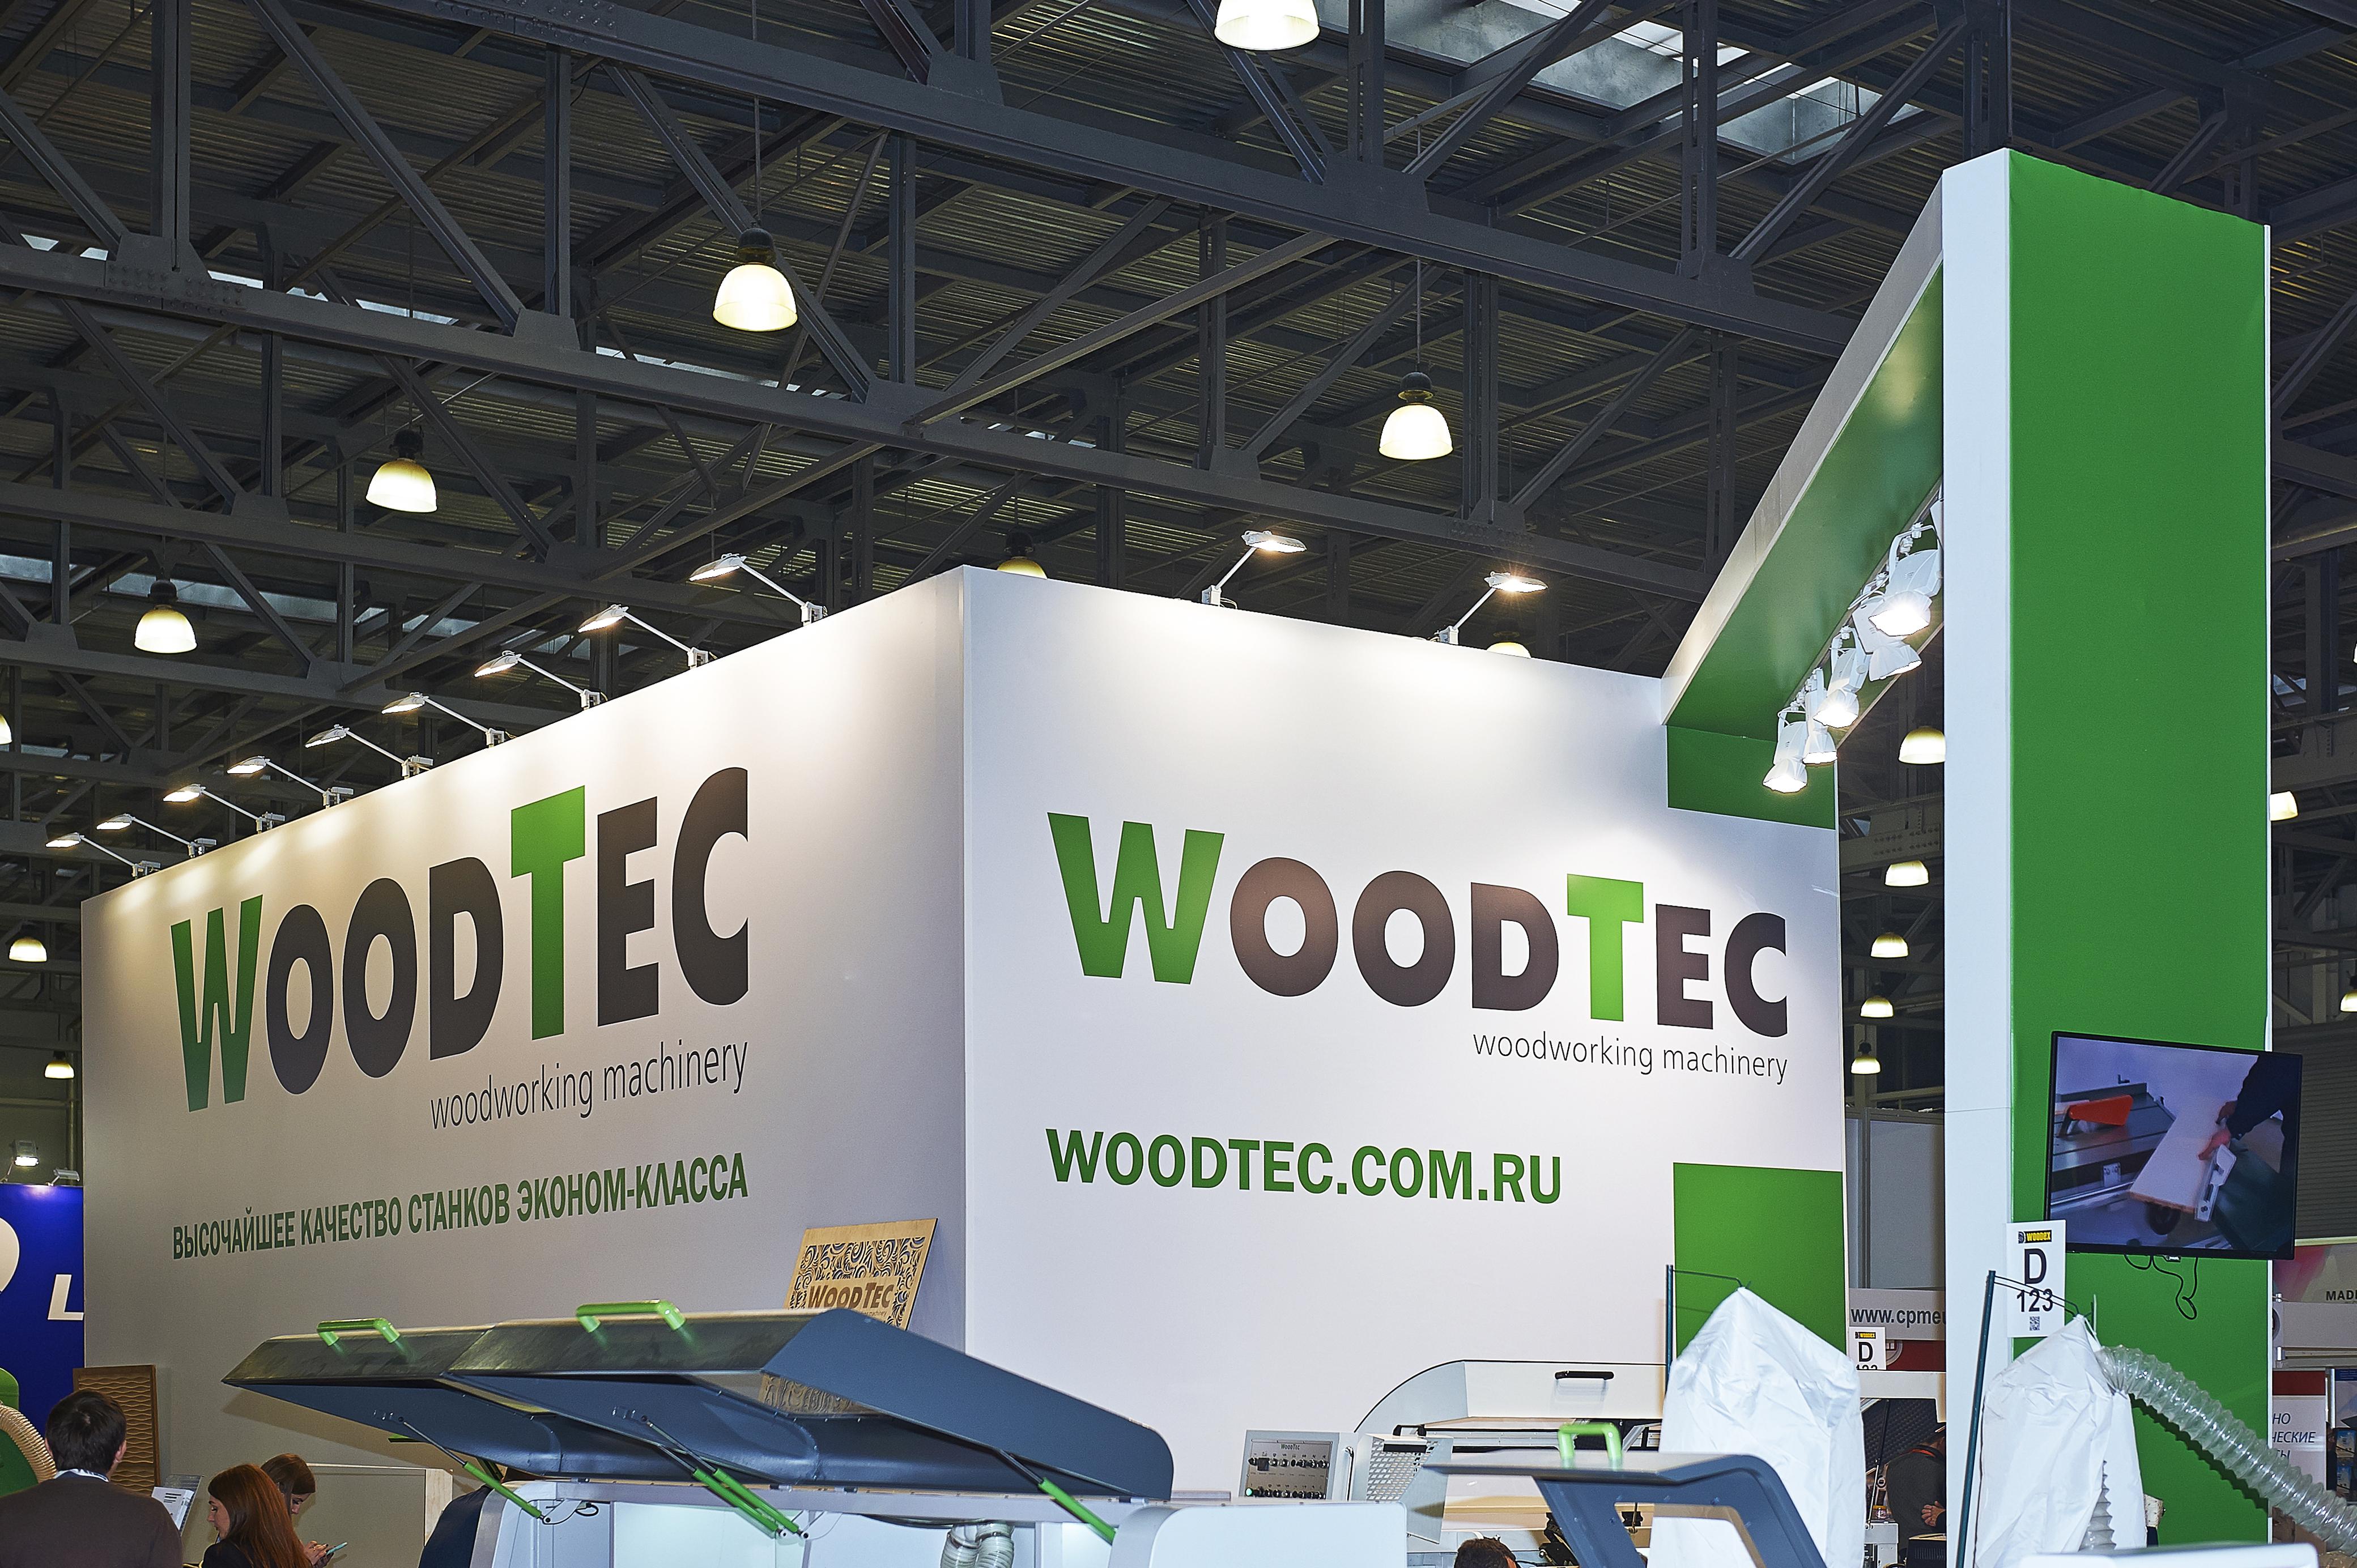 Woodtec_300dpi_18